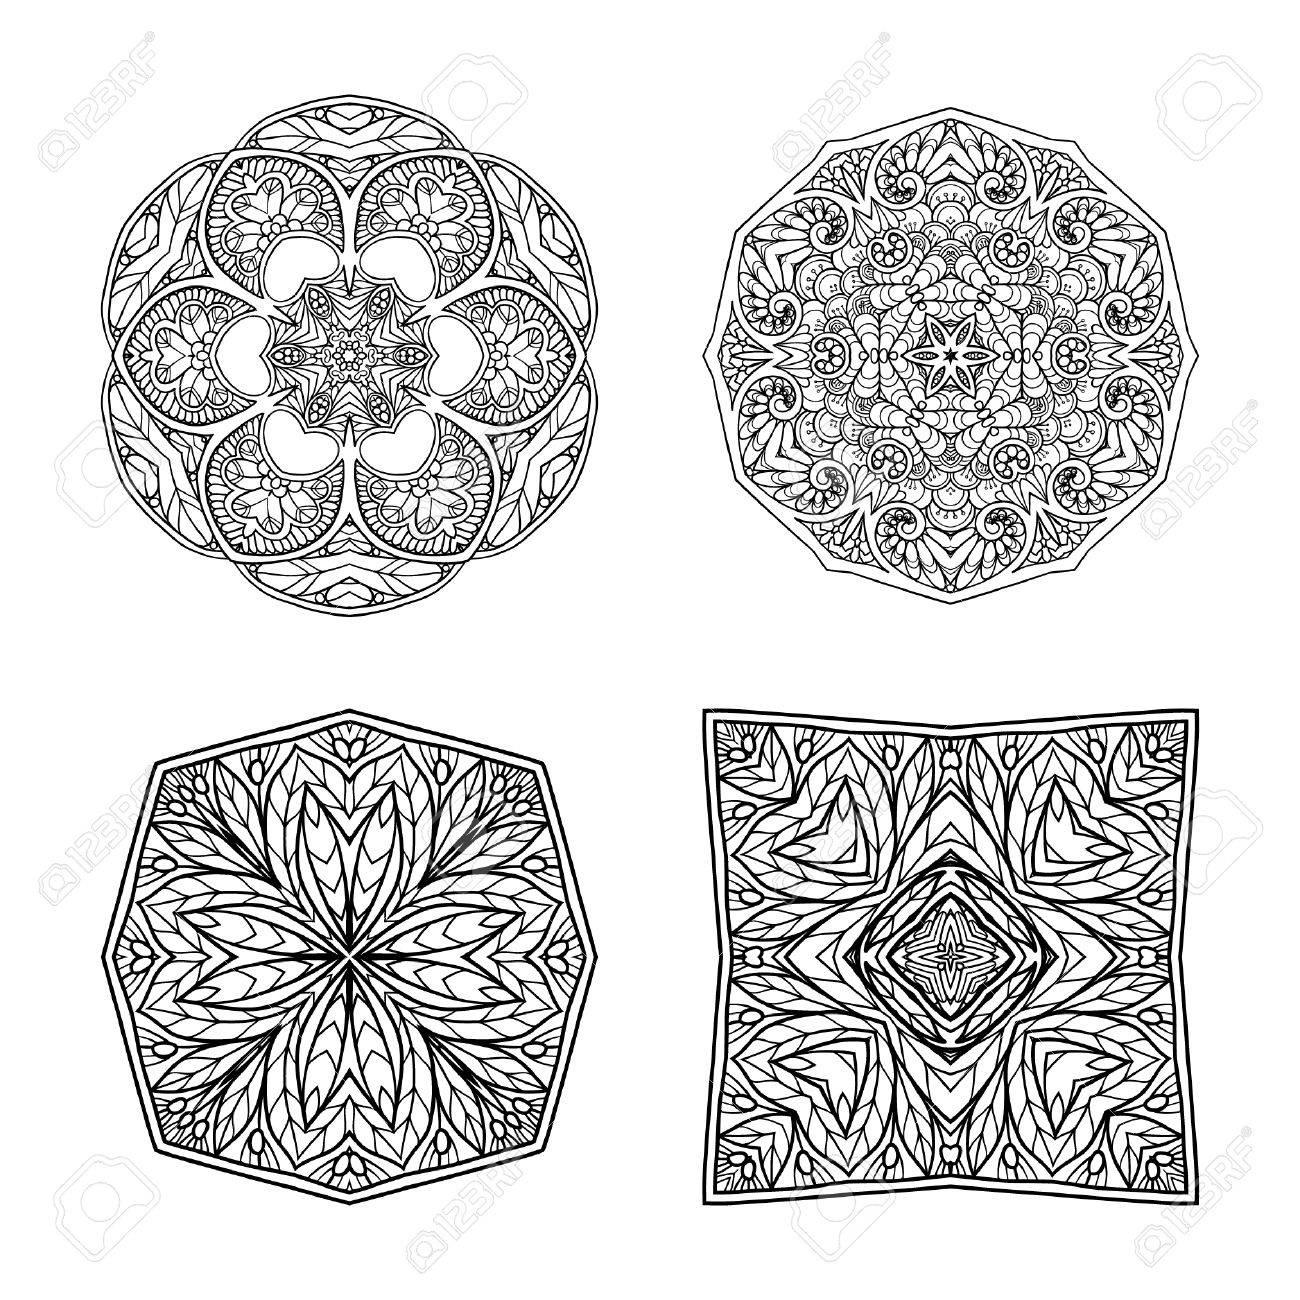 Decorative Mandala Set Vector Illustration Good For Coloring Book Adult And Older Children